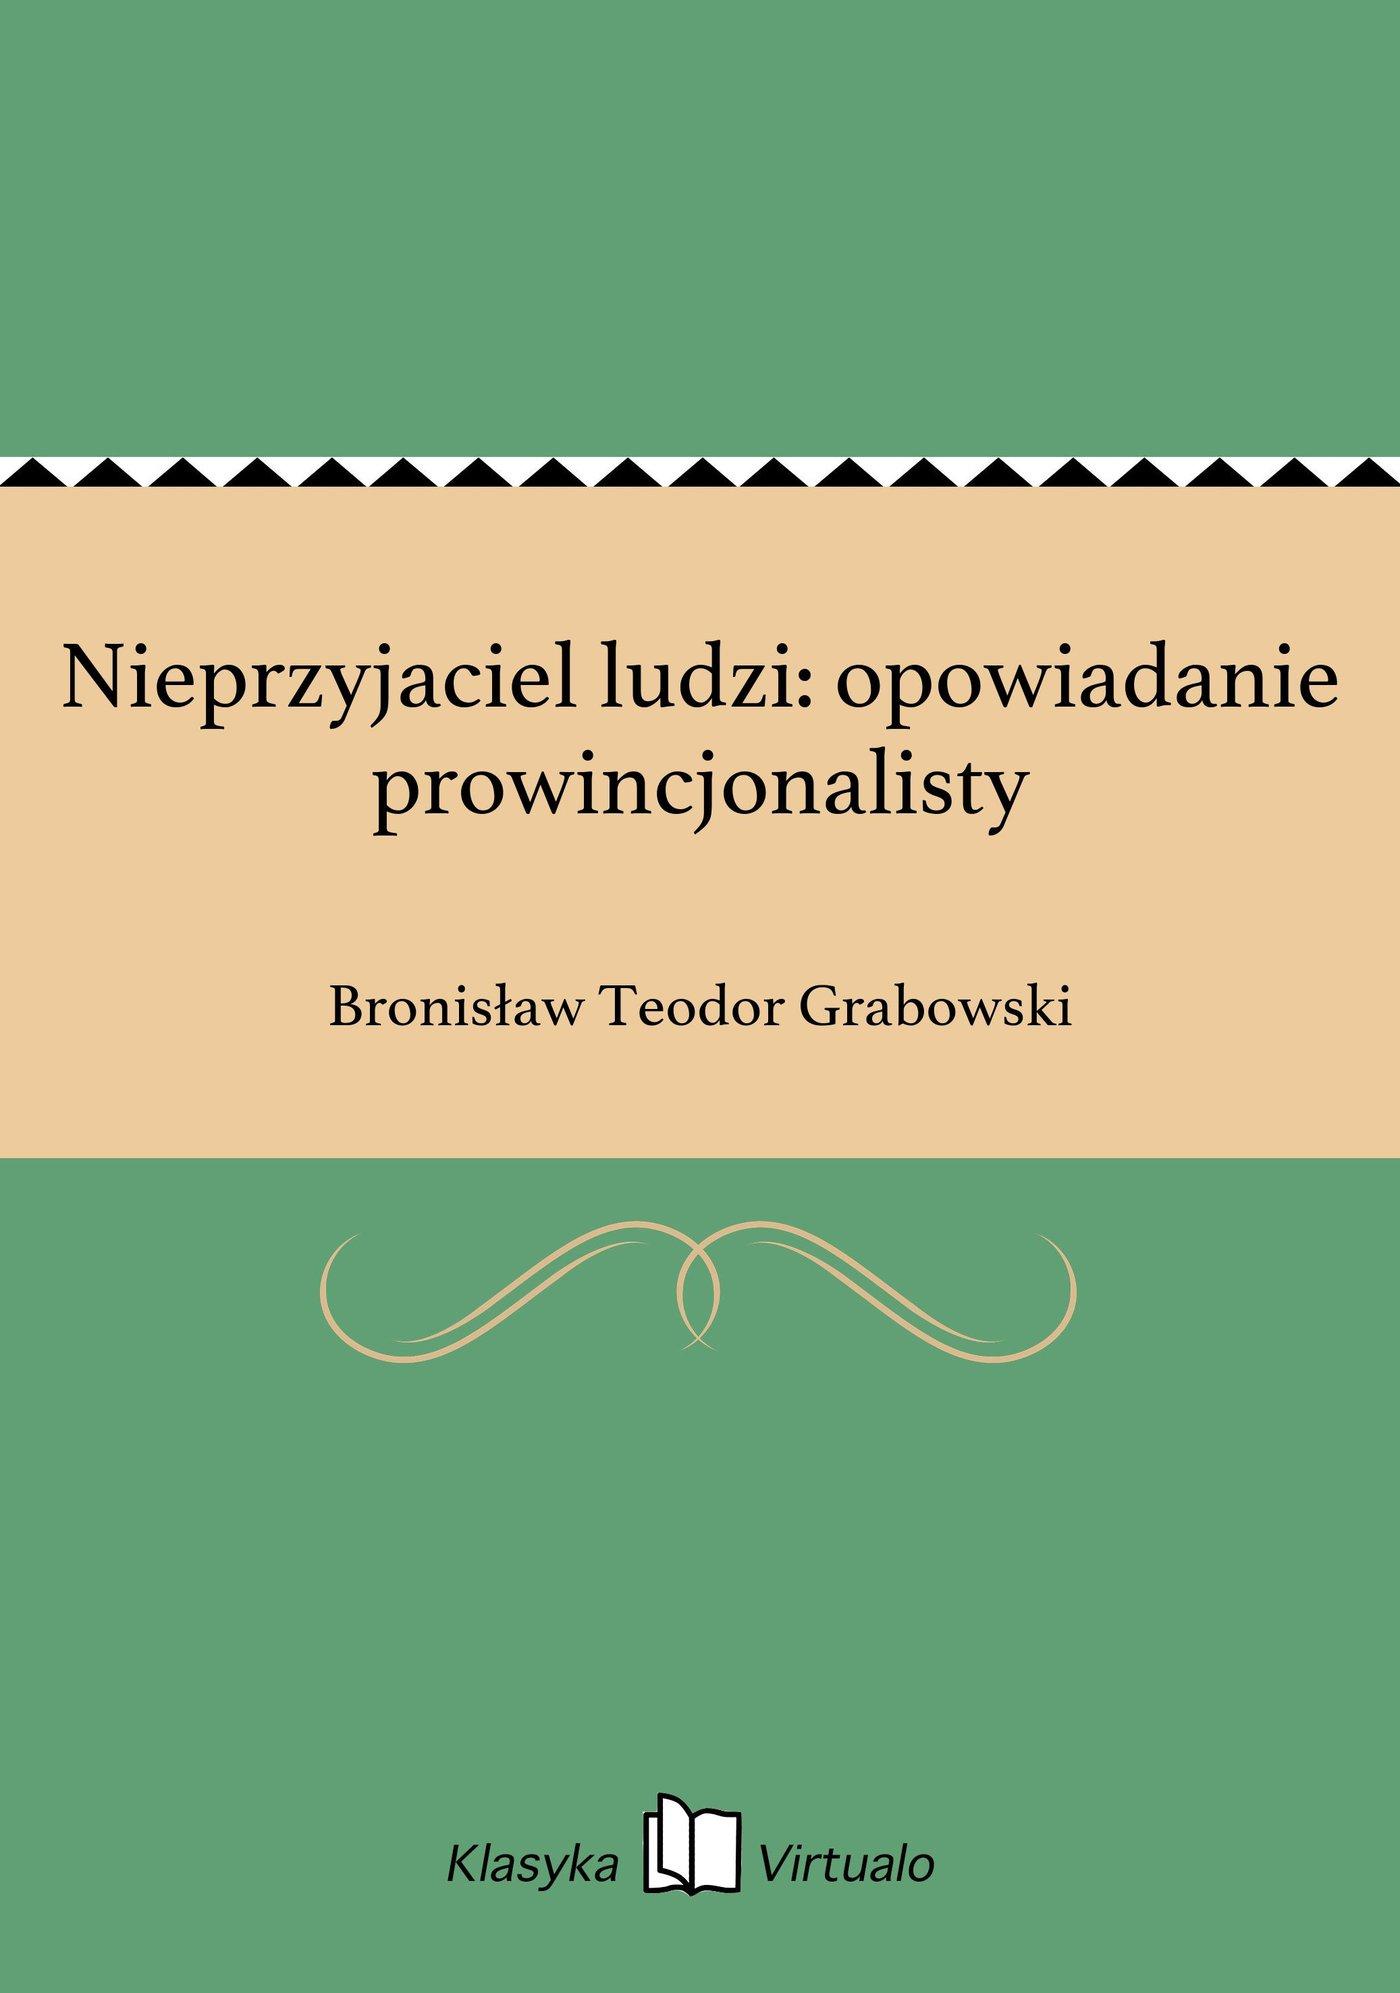 Nieprzyjaciel ludzi: opowiadanie prowincjonalisty - Ebook (Książka EPUB) do pobrania w formacie EPUB